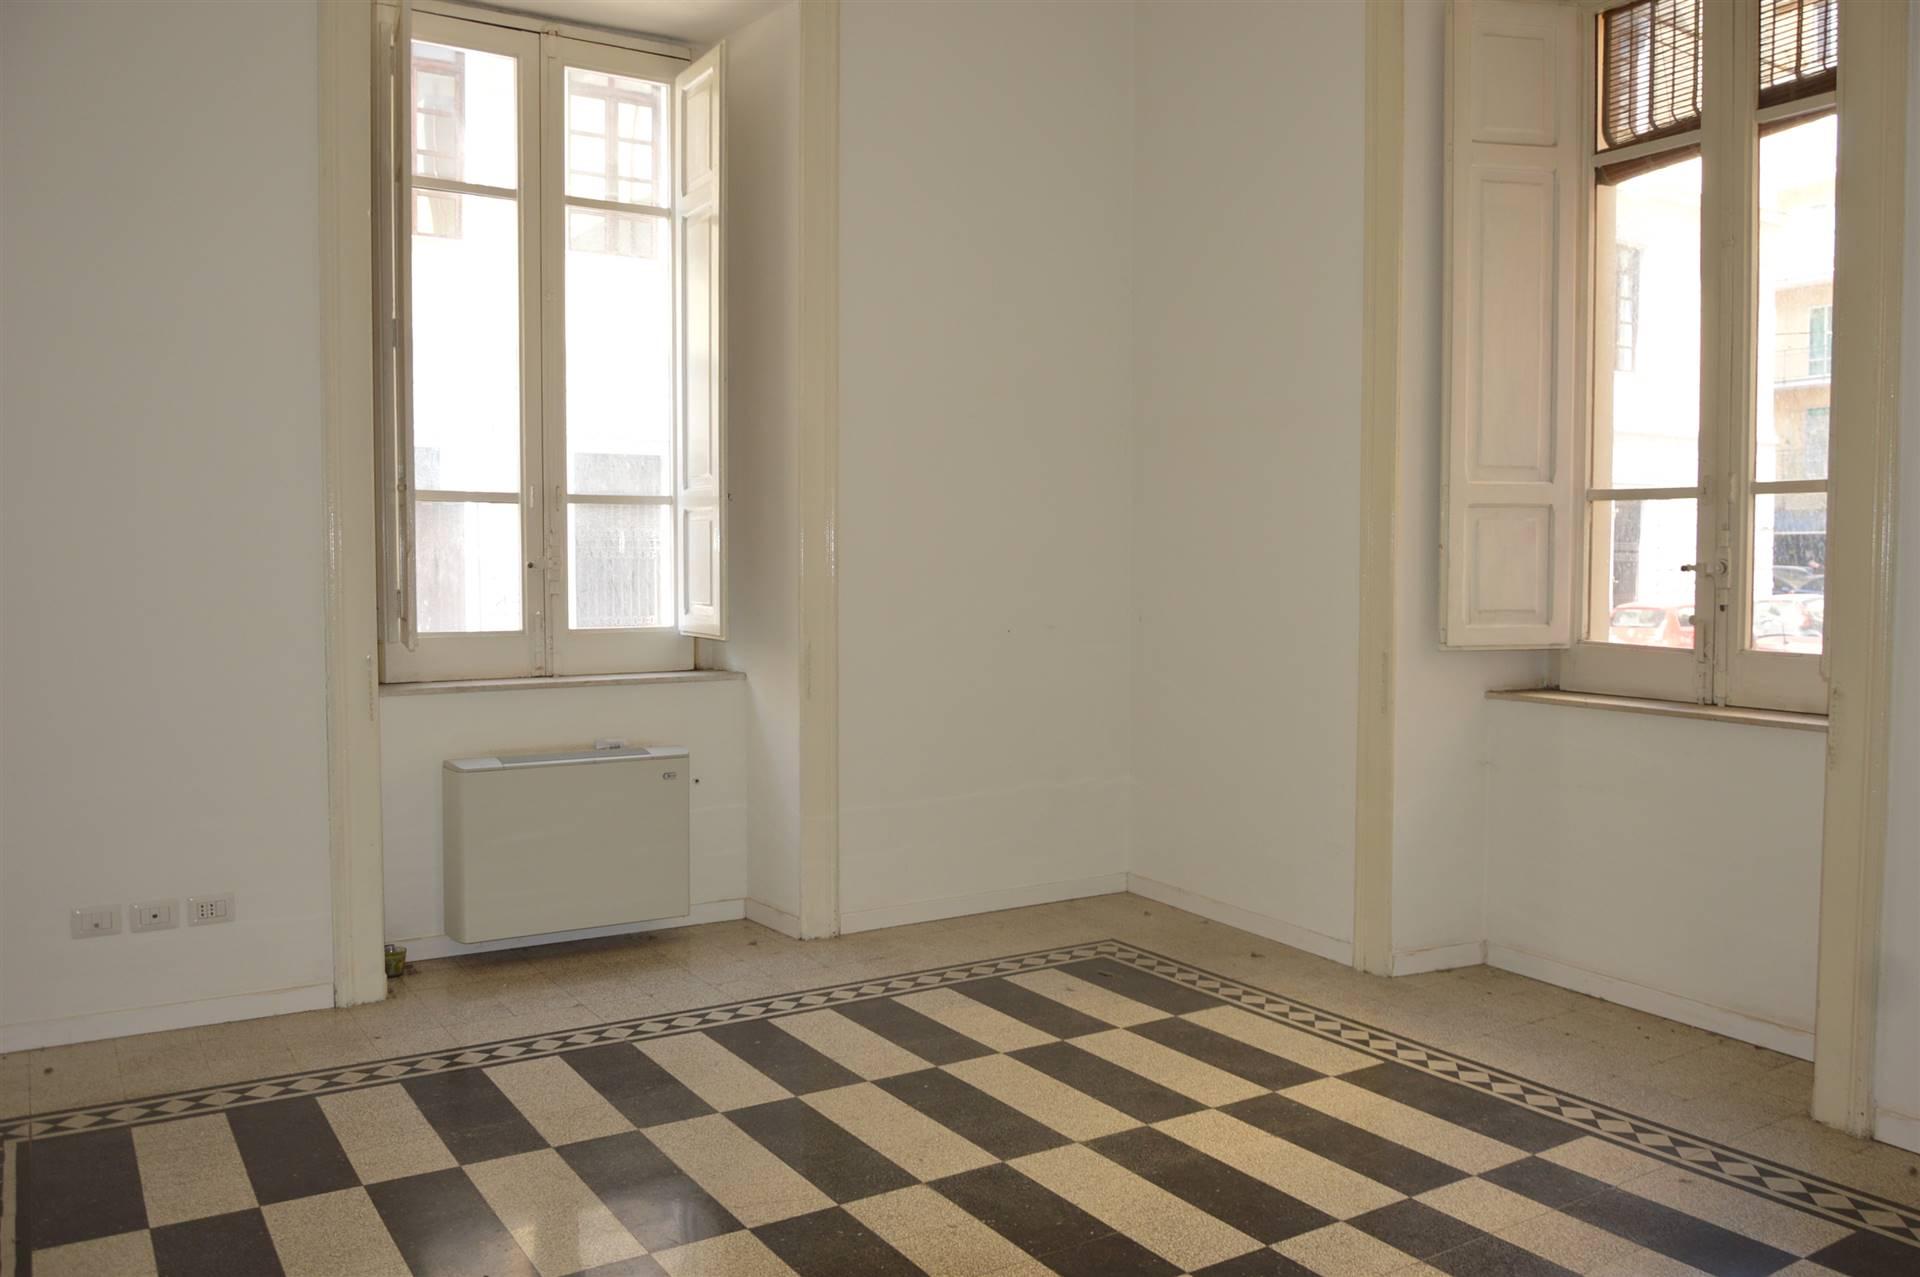 Appartamento in affitto a Salerno, 3 locali, zona Zona: Centro, prezzo € 700   CambioCasa.it